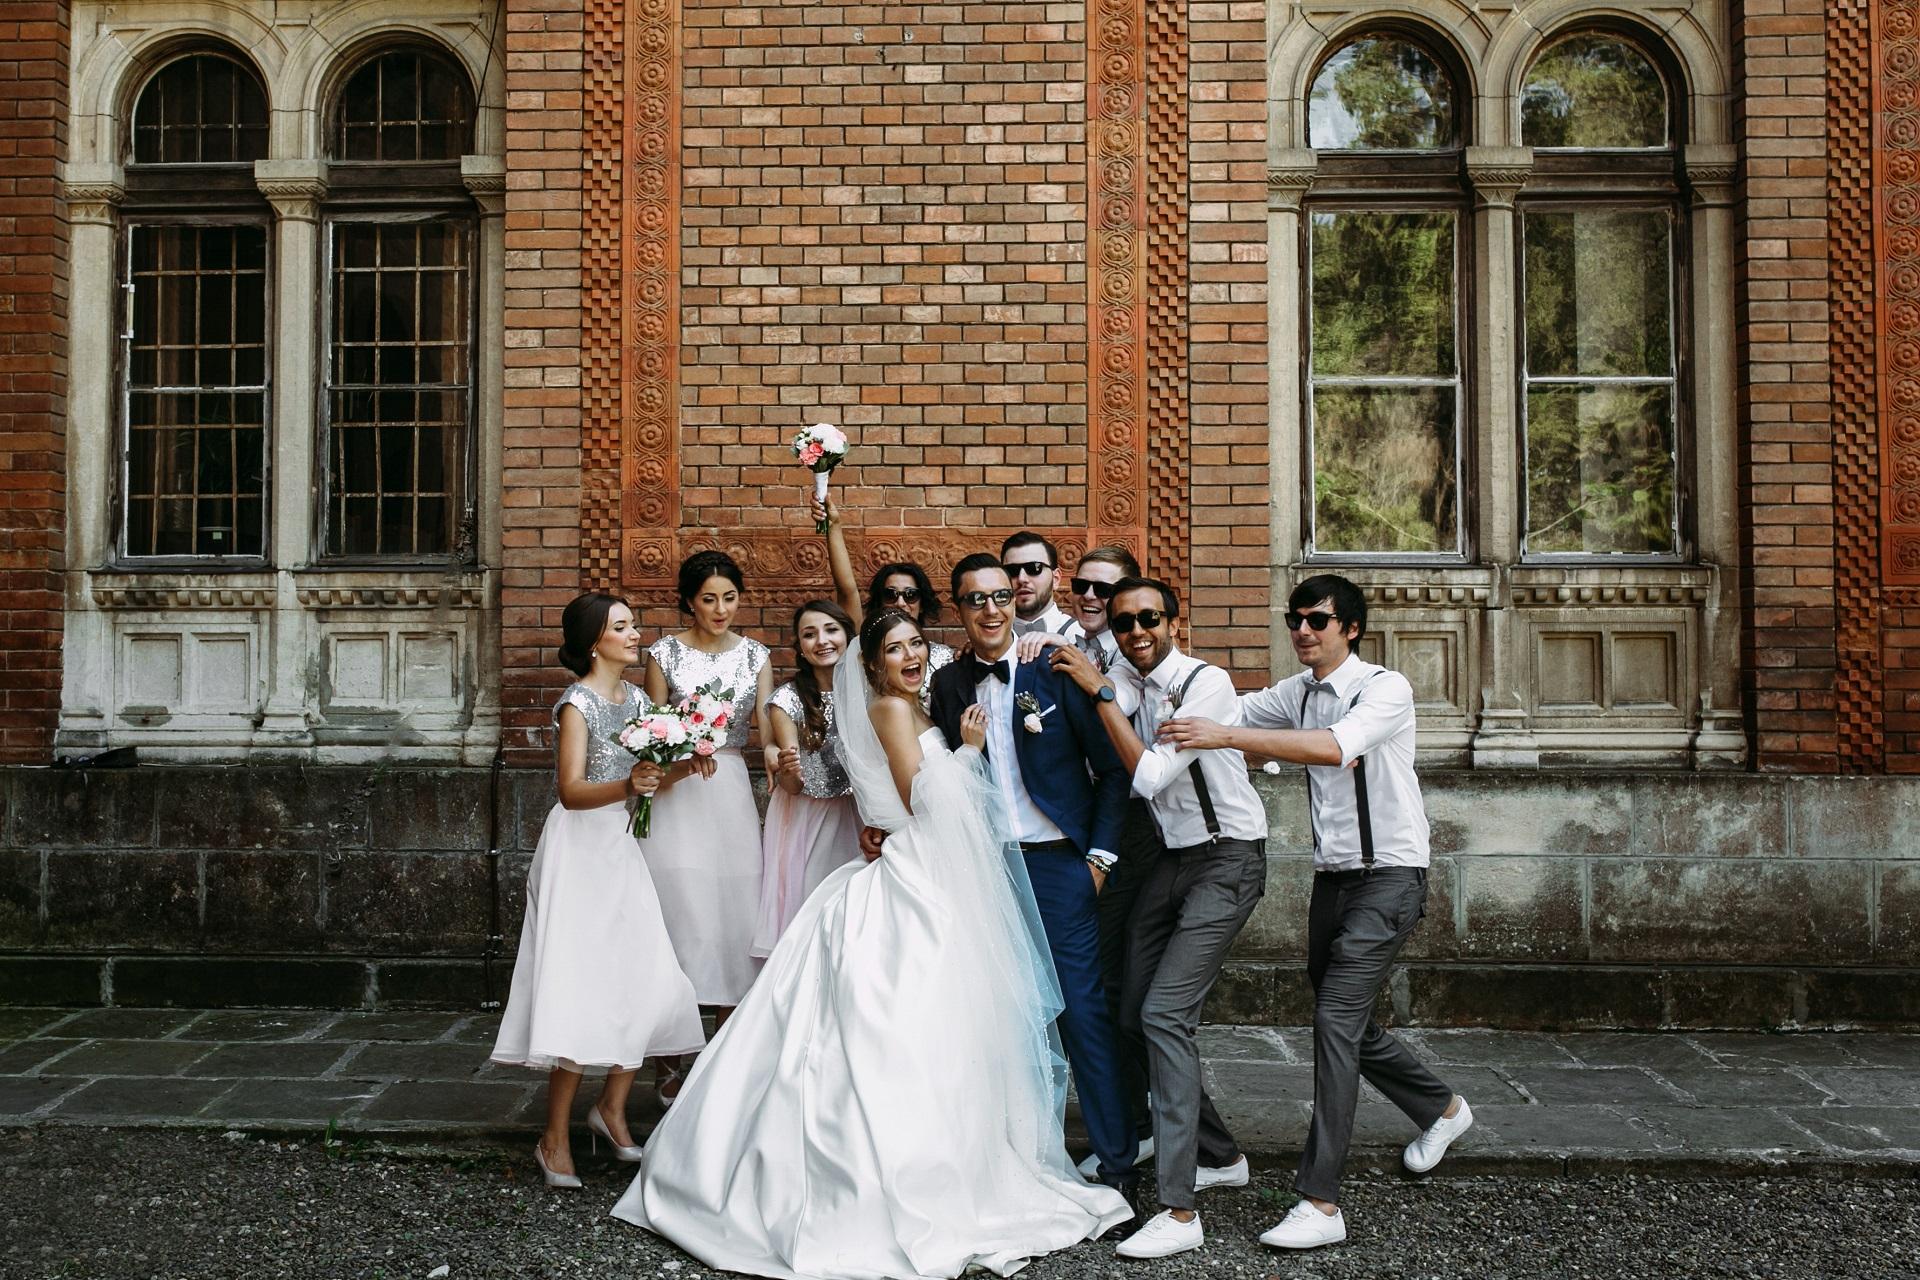 zdjęcie ze świadkami, zdjęcie ze ślubu, zdjęcie z drużbą , zdjęcie z druhenką, fotografia ślubna